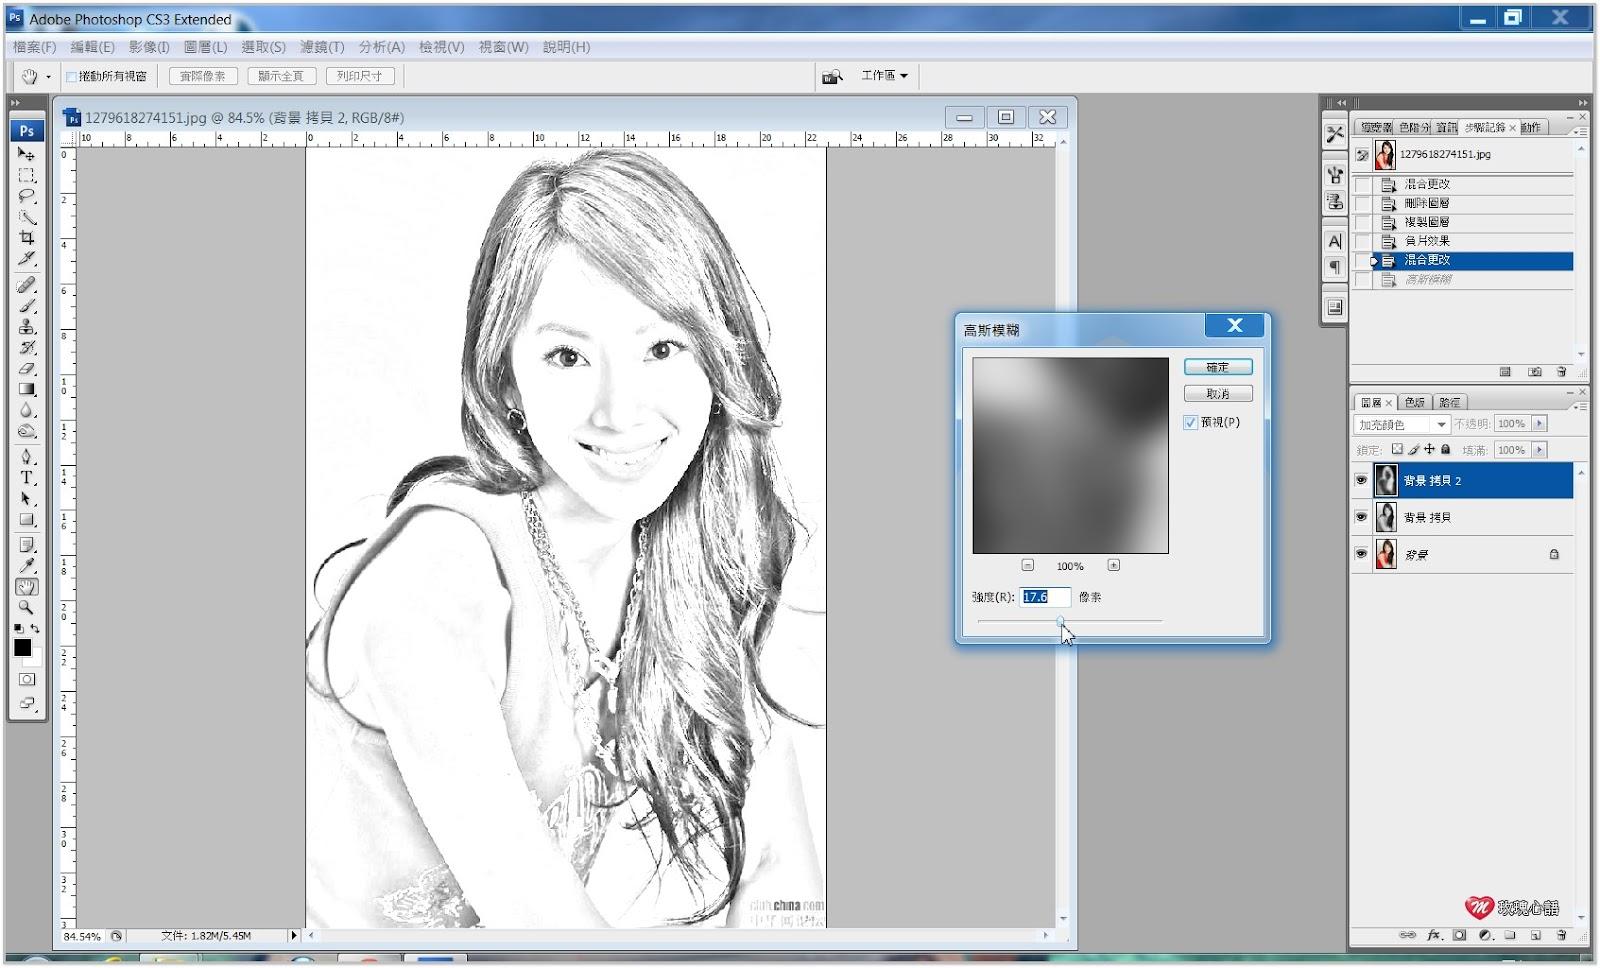 玫瑰的創作小屋: Photoshop 素描畫教學 (一)